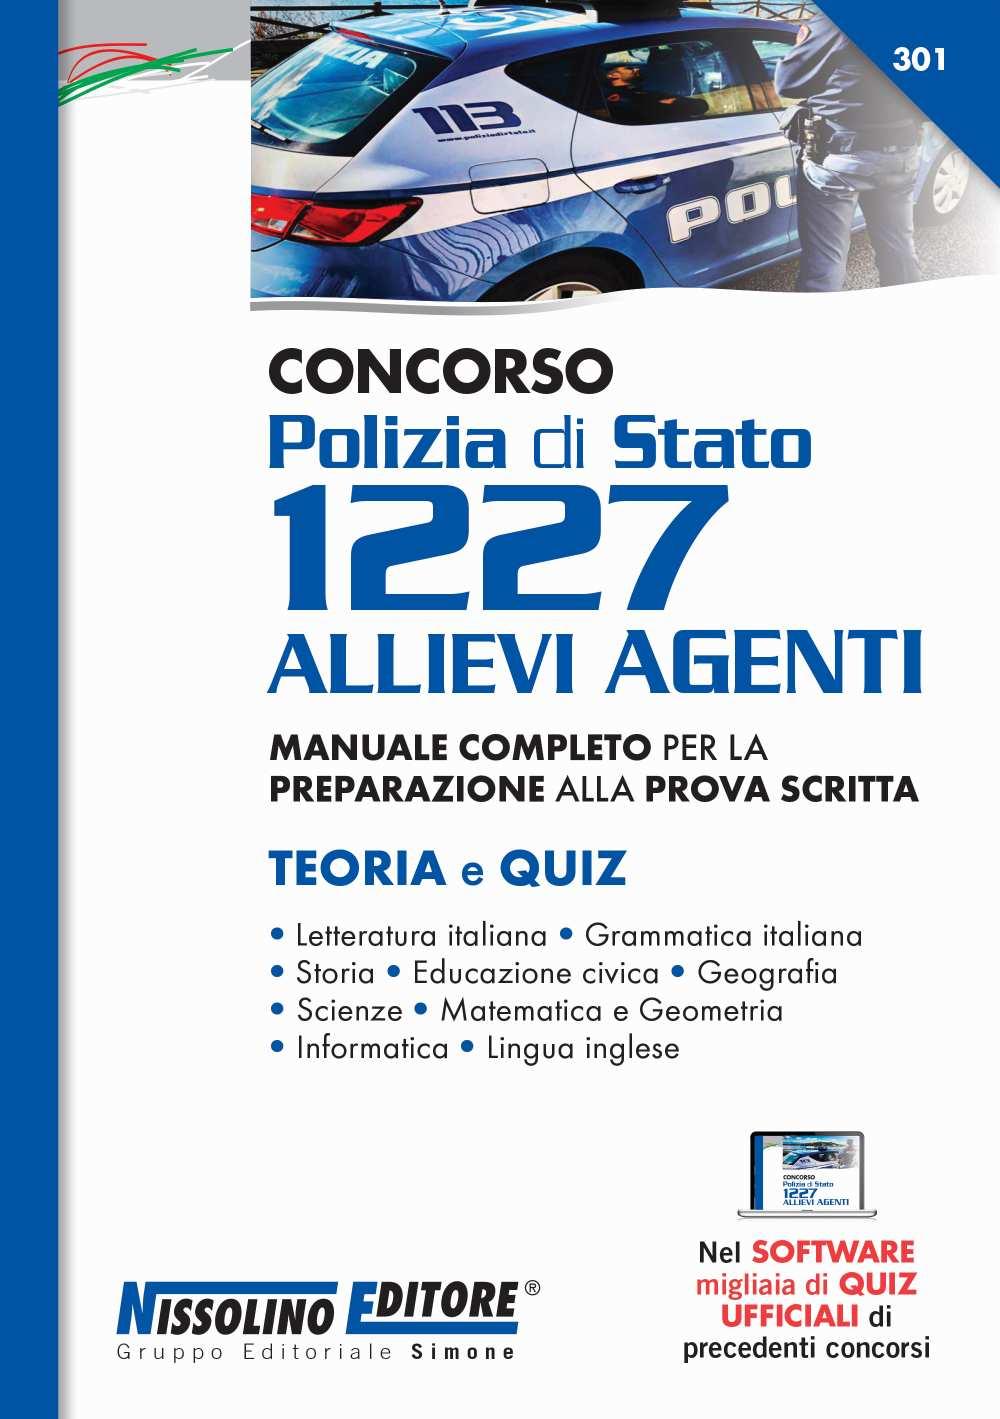 manuale Concorso Polizia di Stato